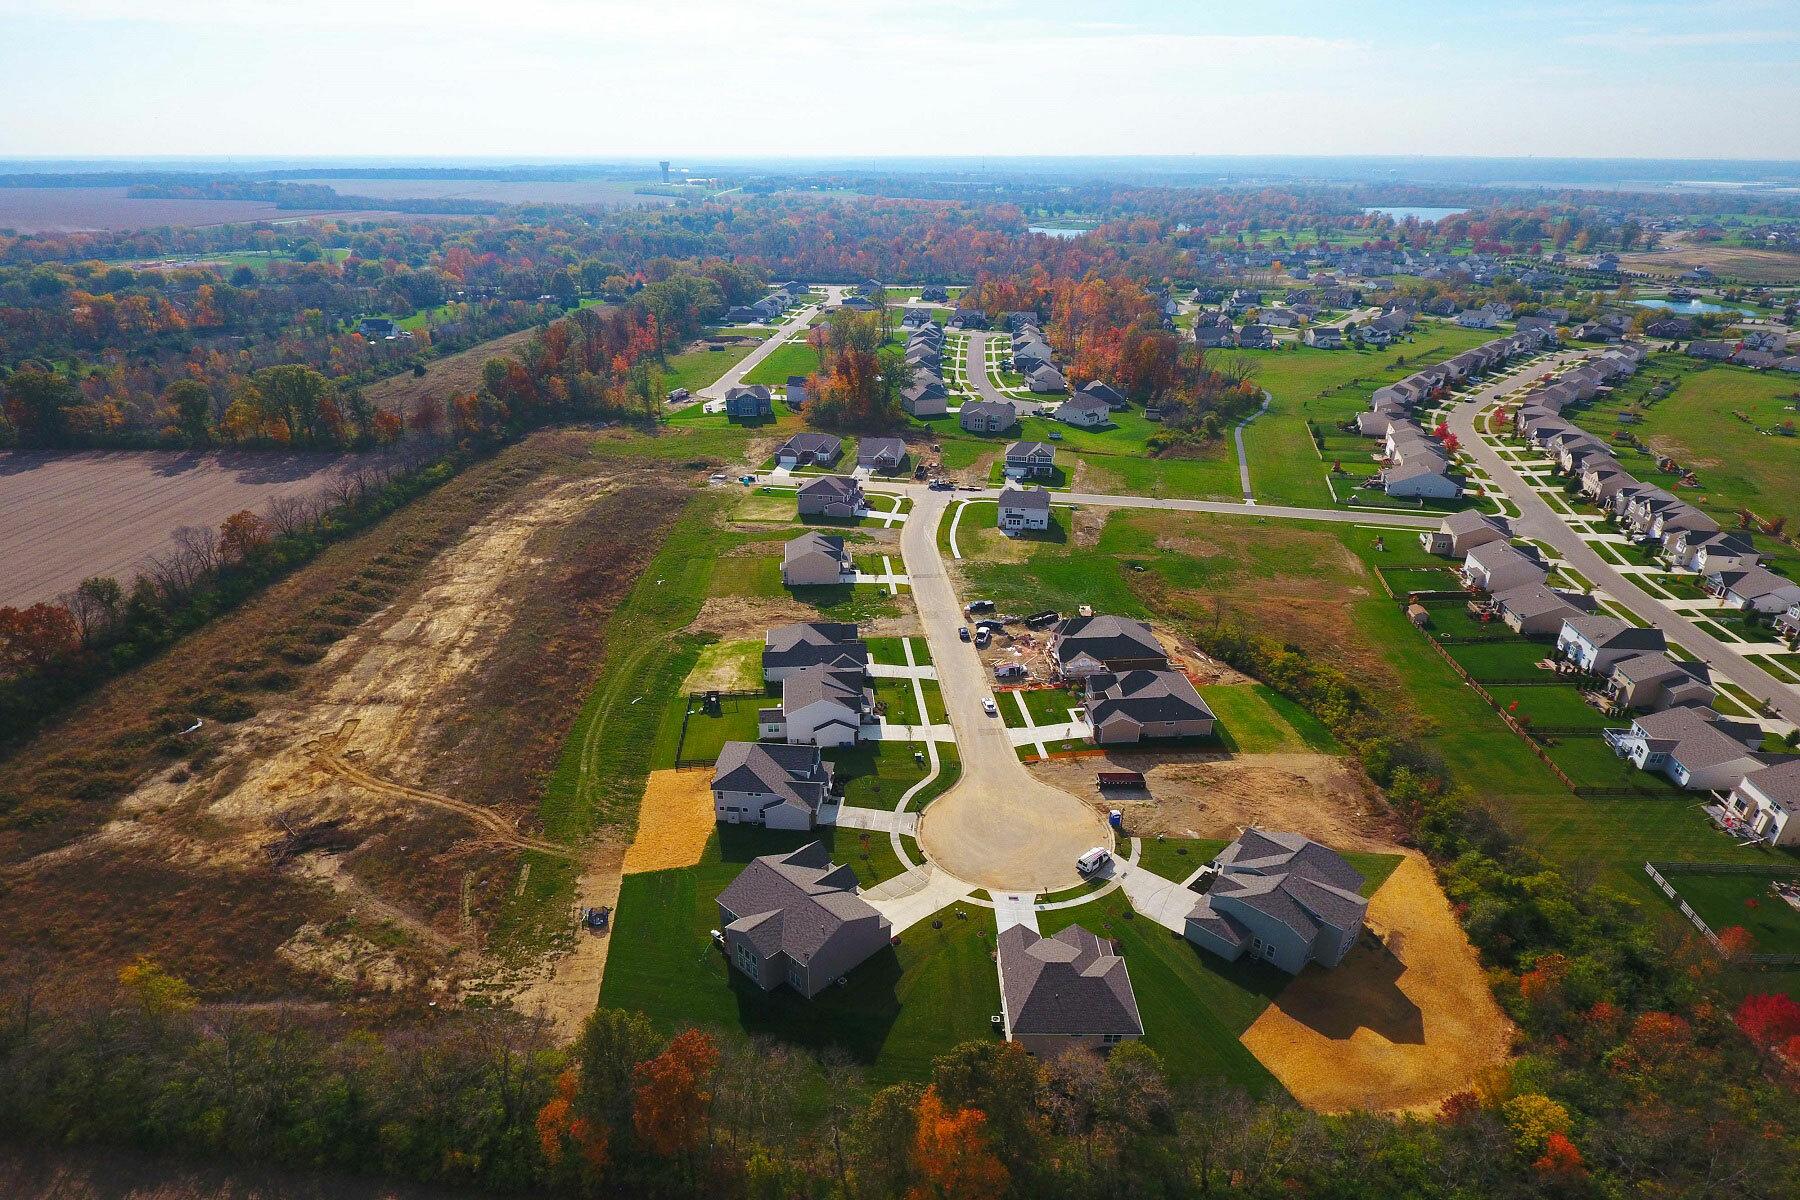 Trails of Shaker Run Estates Aerial